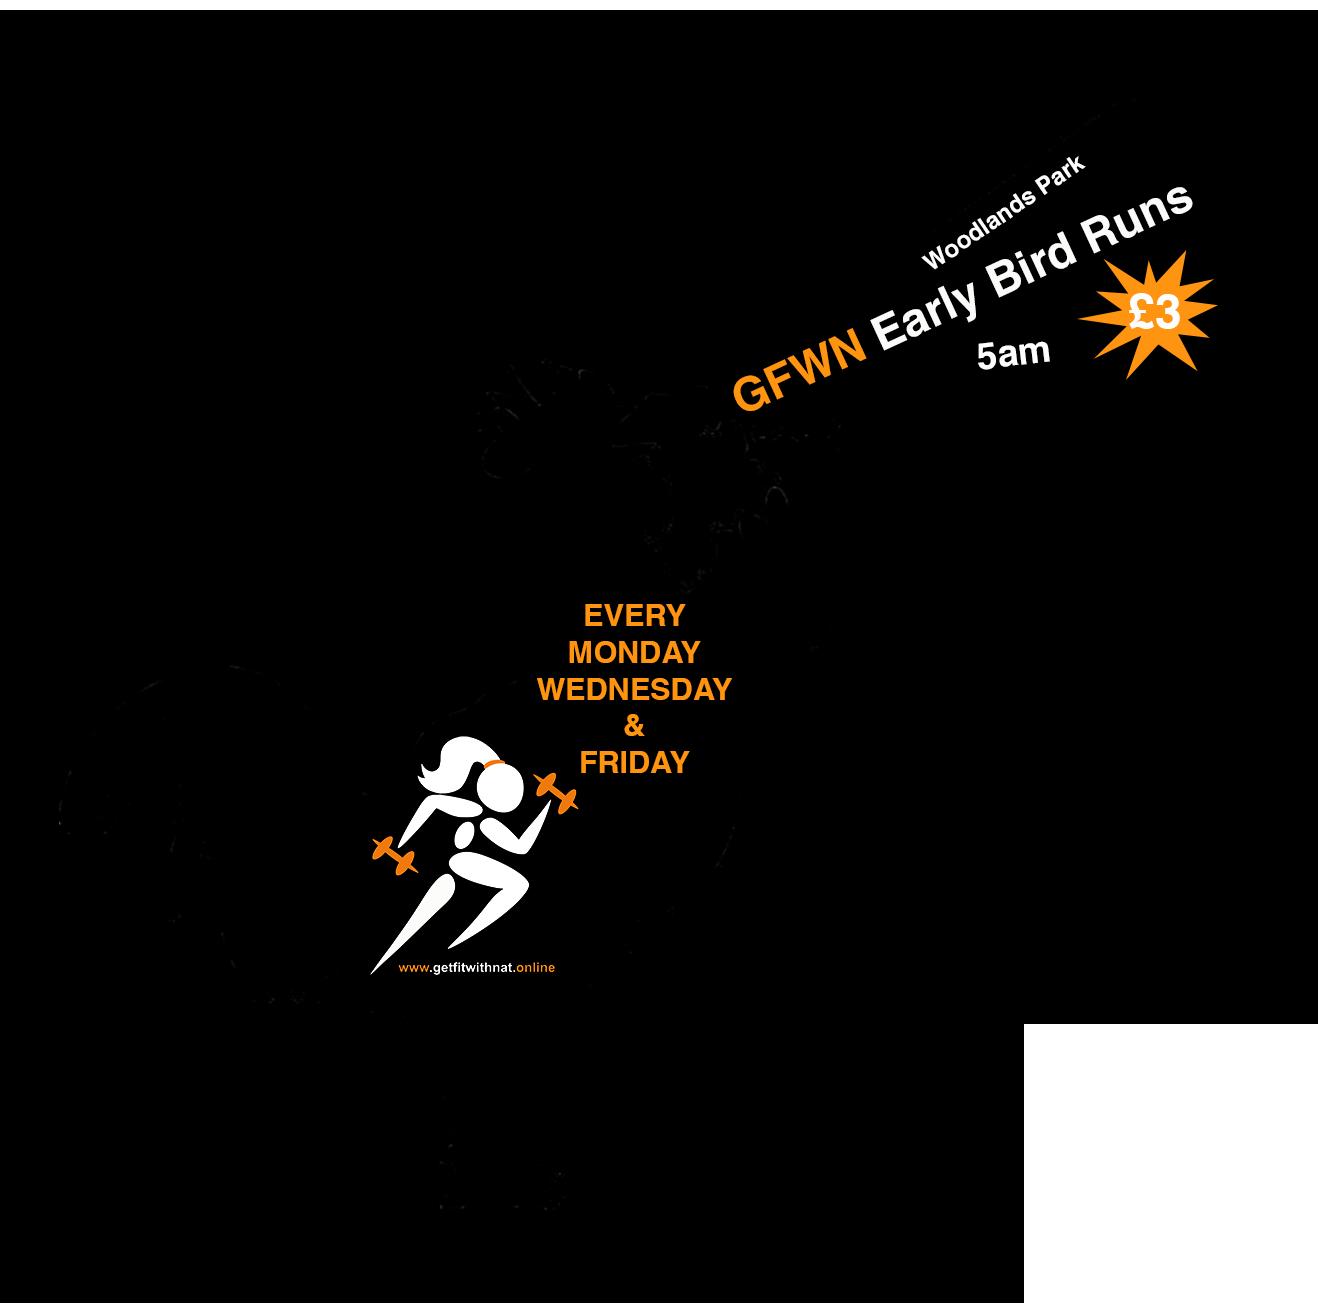 EARLY BIRD Cardio/Run